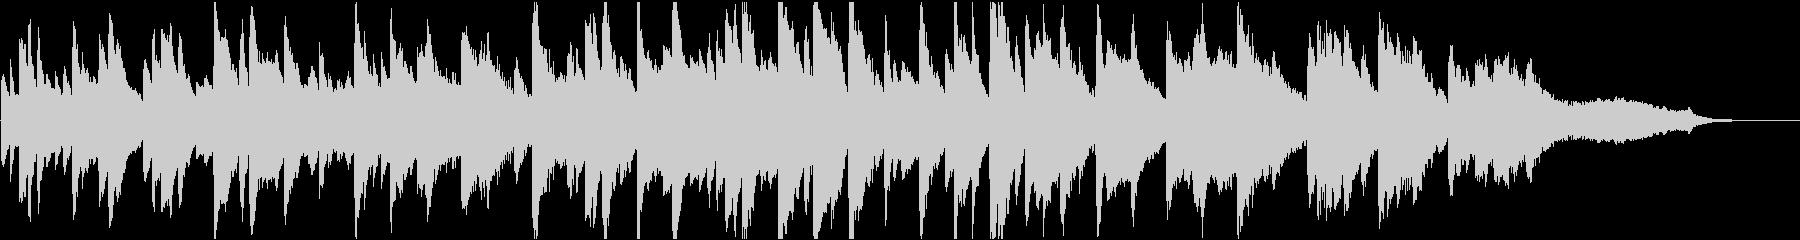 企業VP49 広告・動画・感動・ピアノの未再生の波形